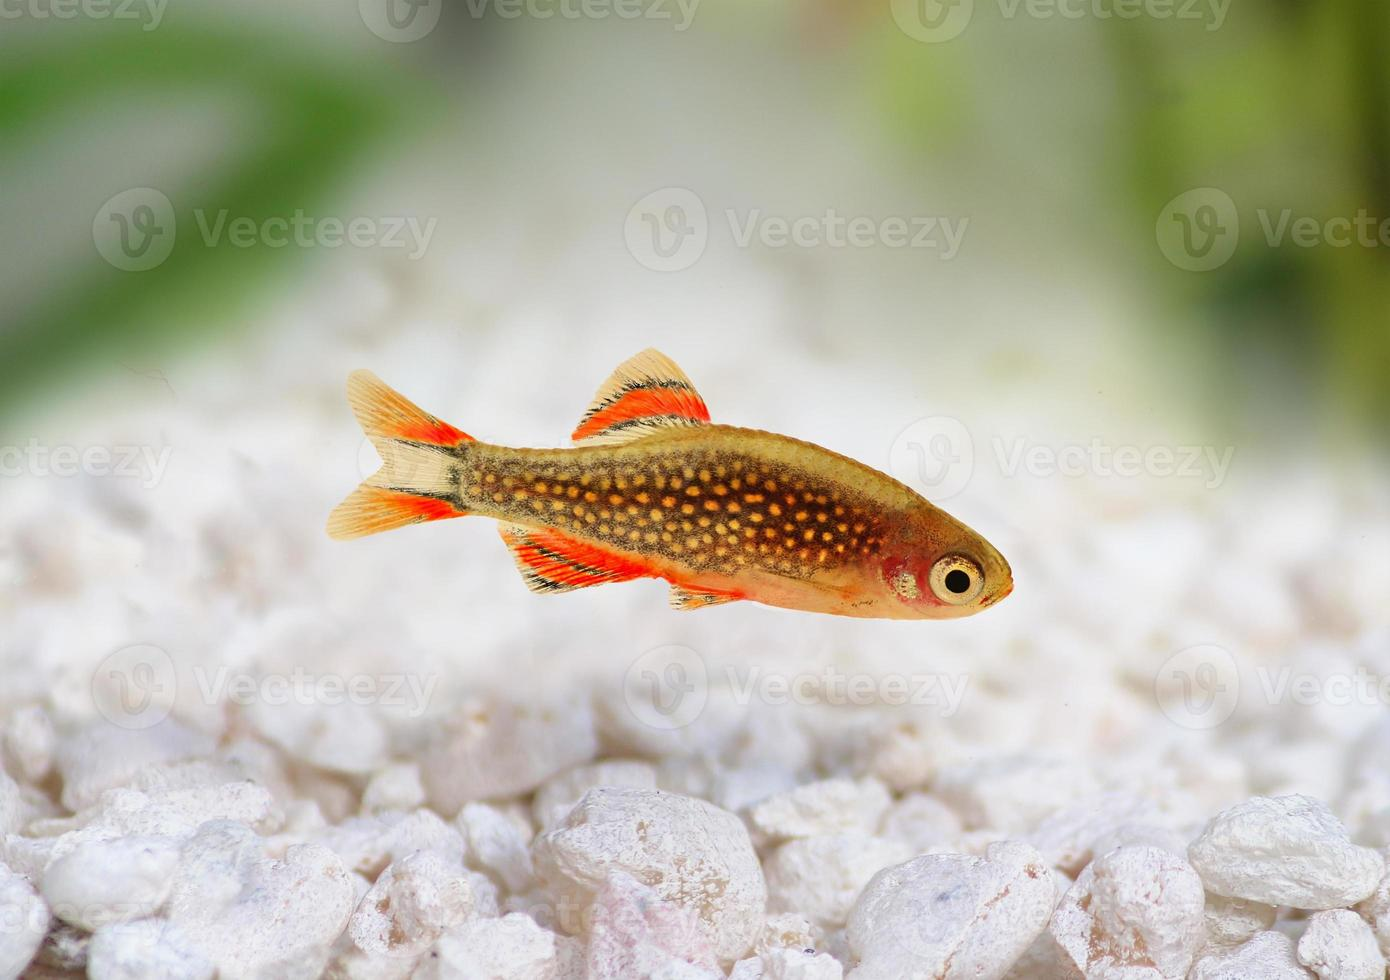 galaxy rasbora danio margaritatus, pesce danio d'acqua dolce perlato foto